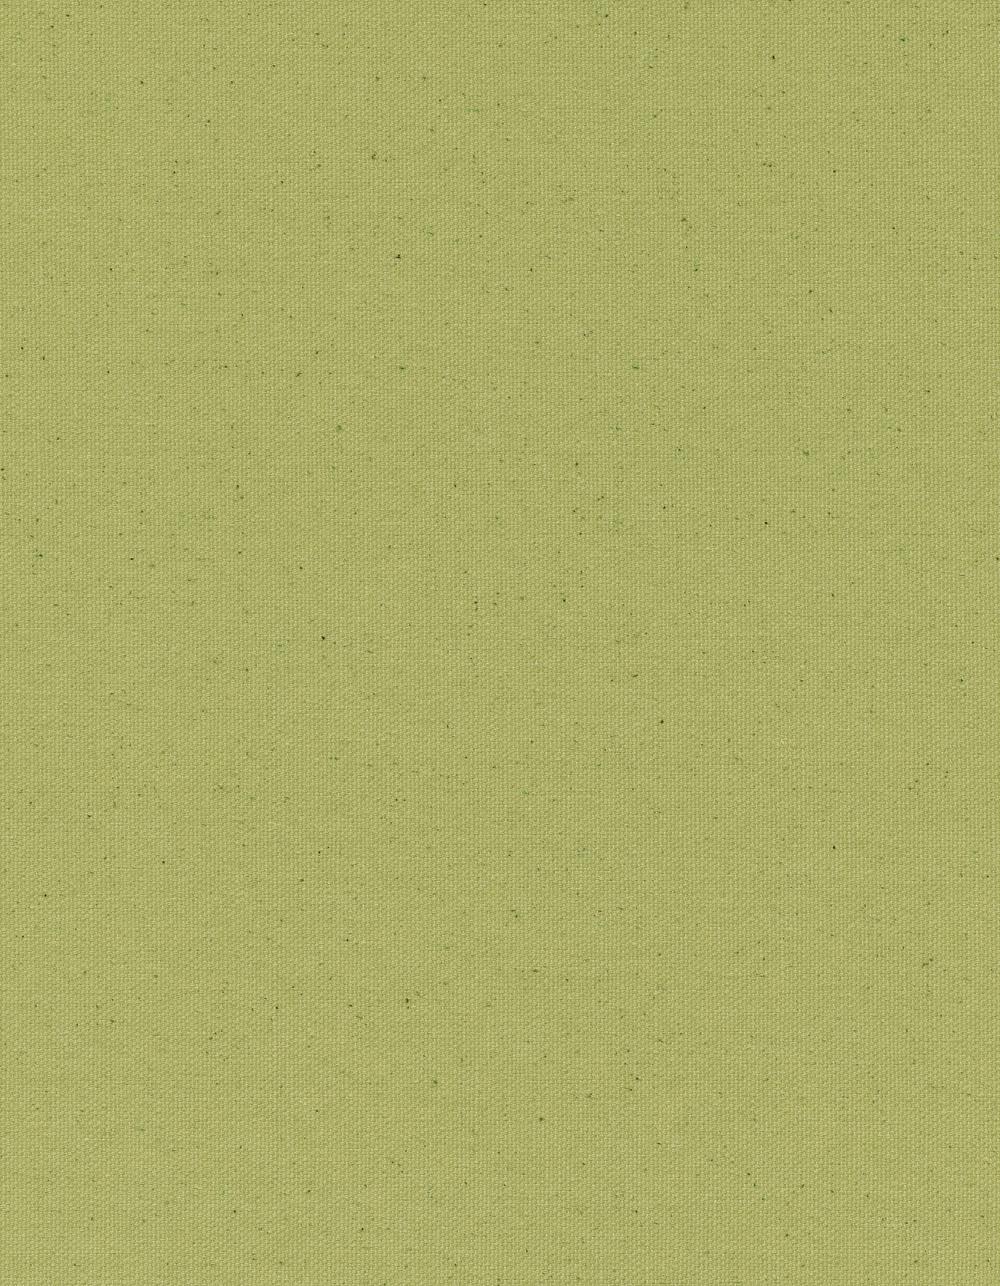 Organic Textures - B3000S